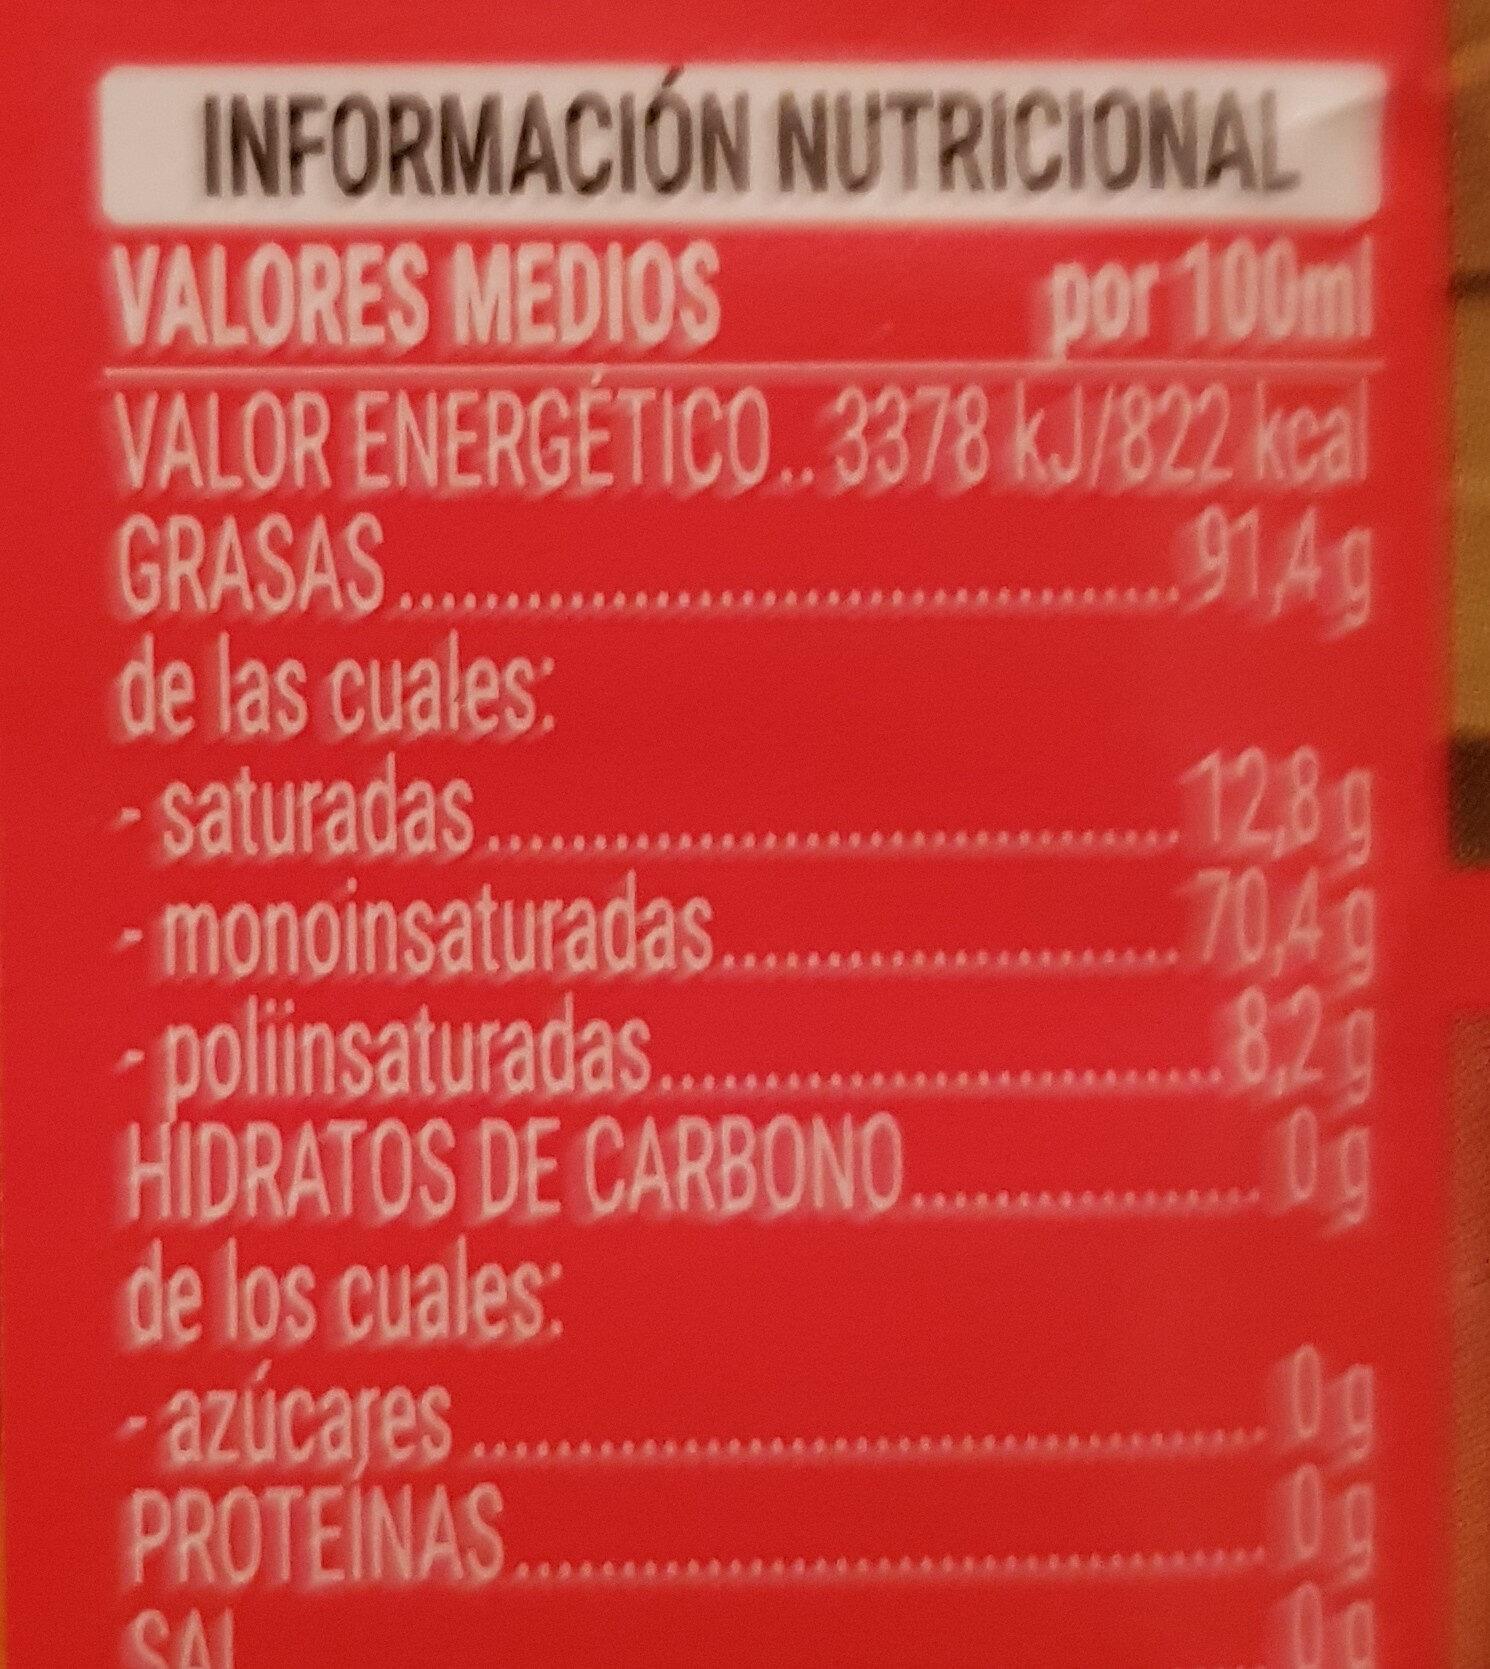 Aceite de oliva sabor suave - Información nutricional